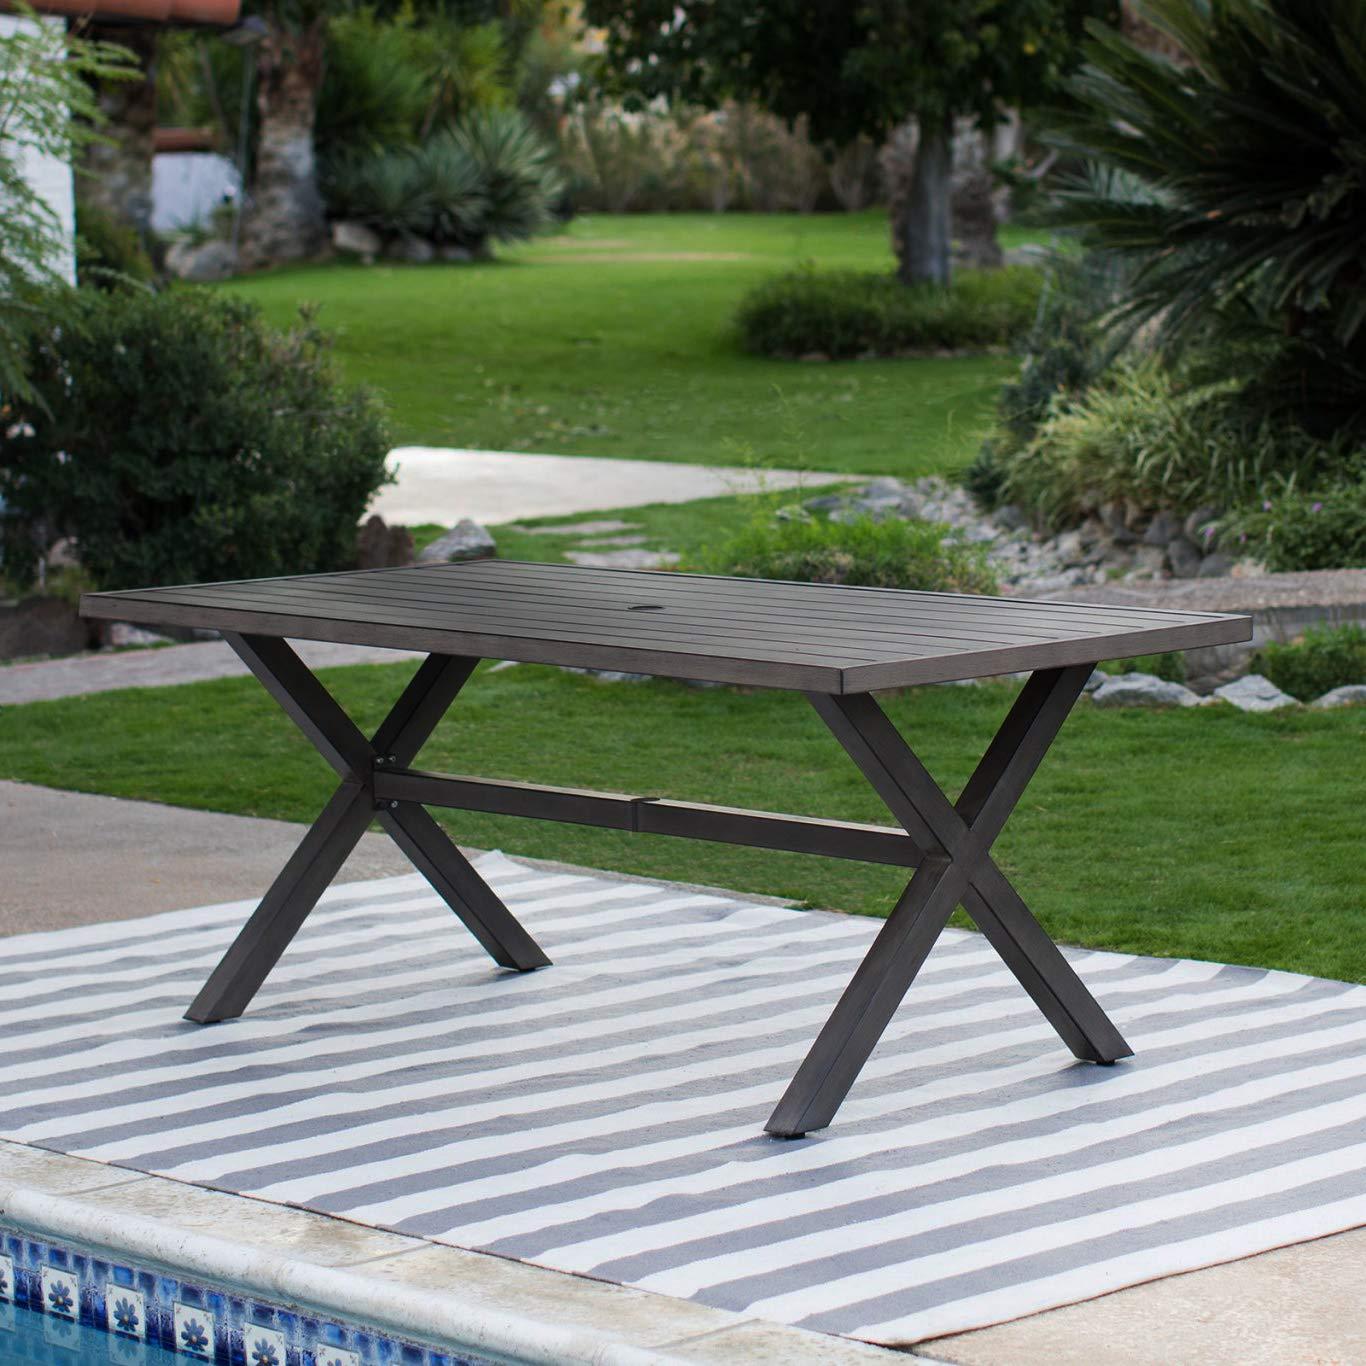 Amazon.com: Juego de comedor para patio. Muebles modernos de ...